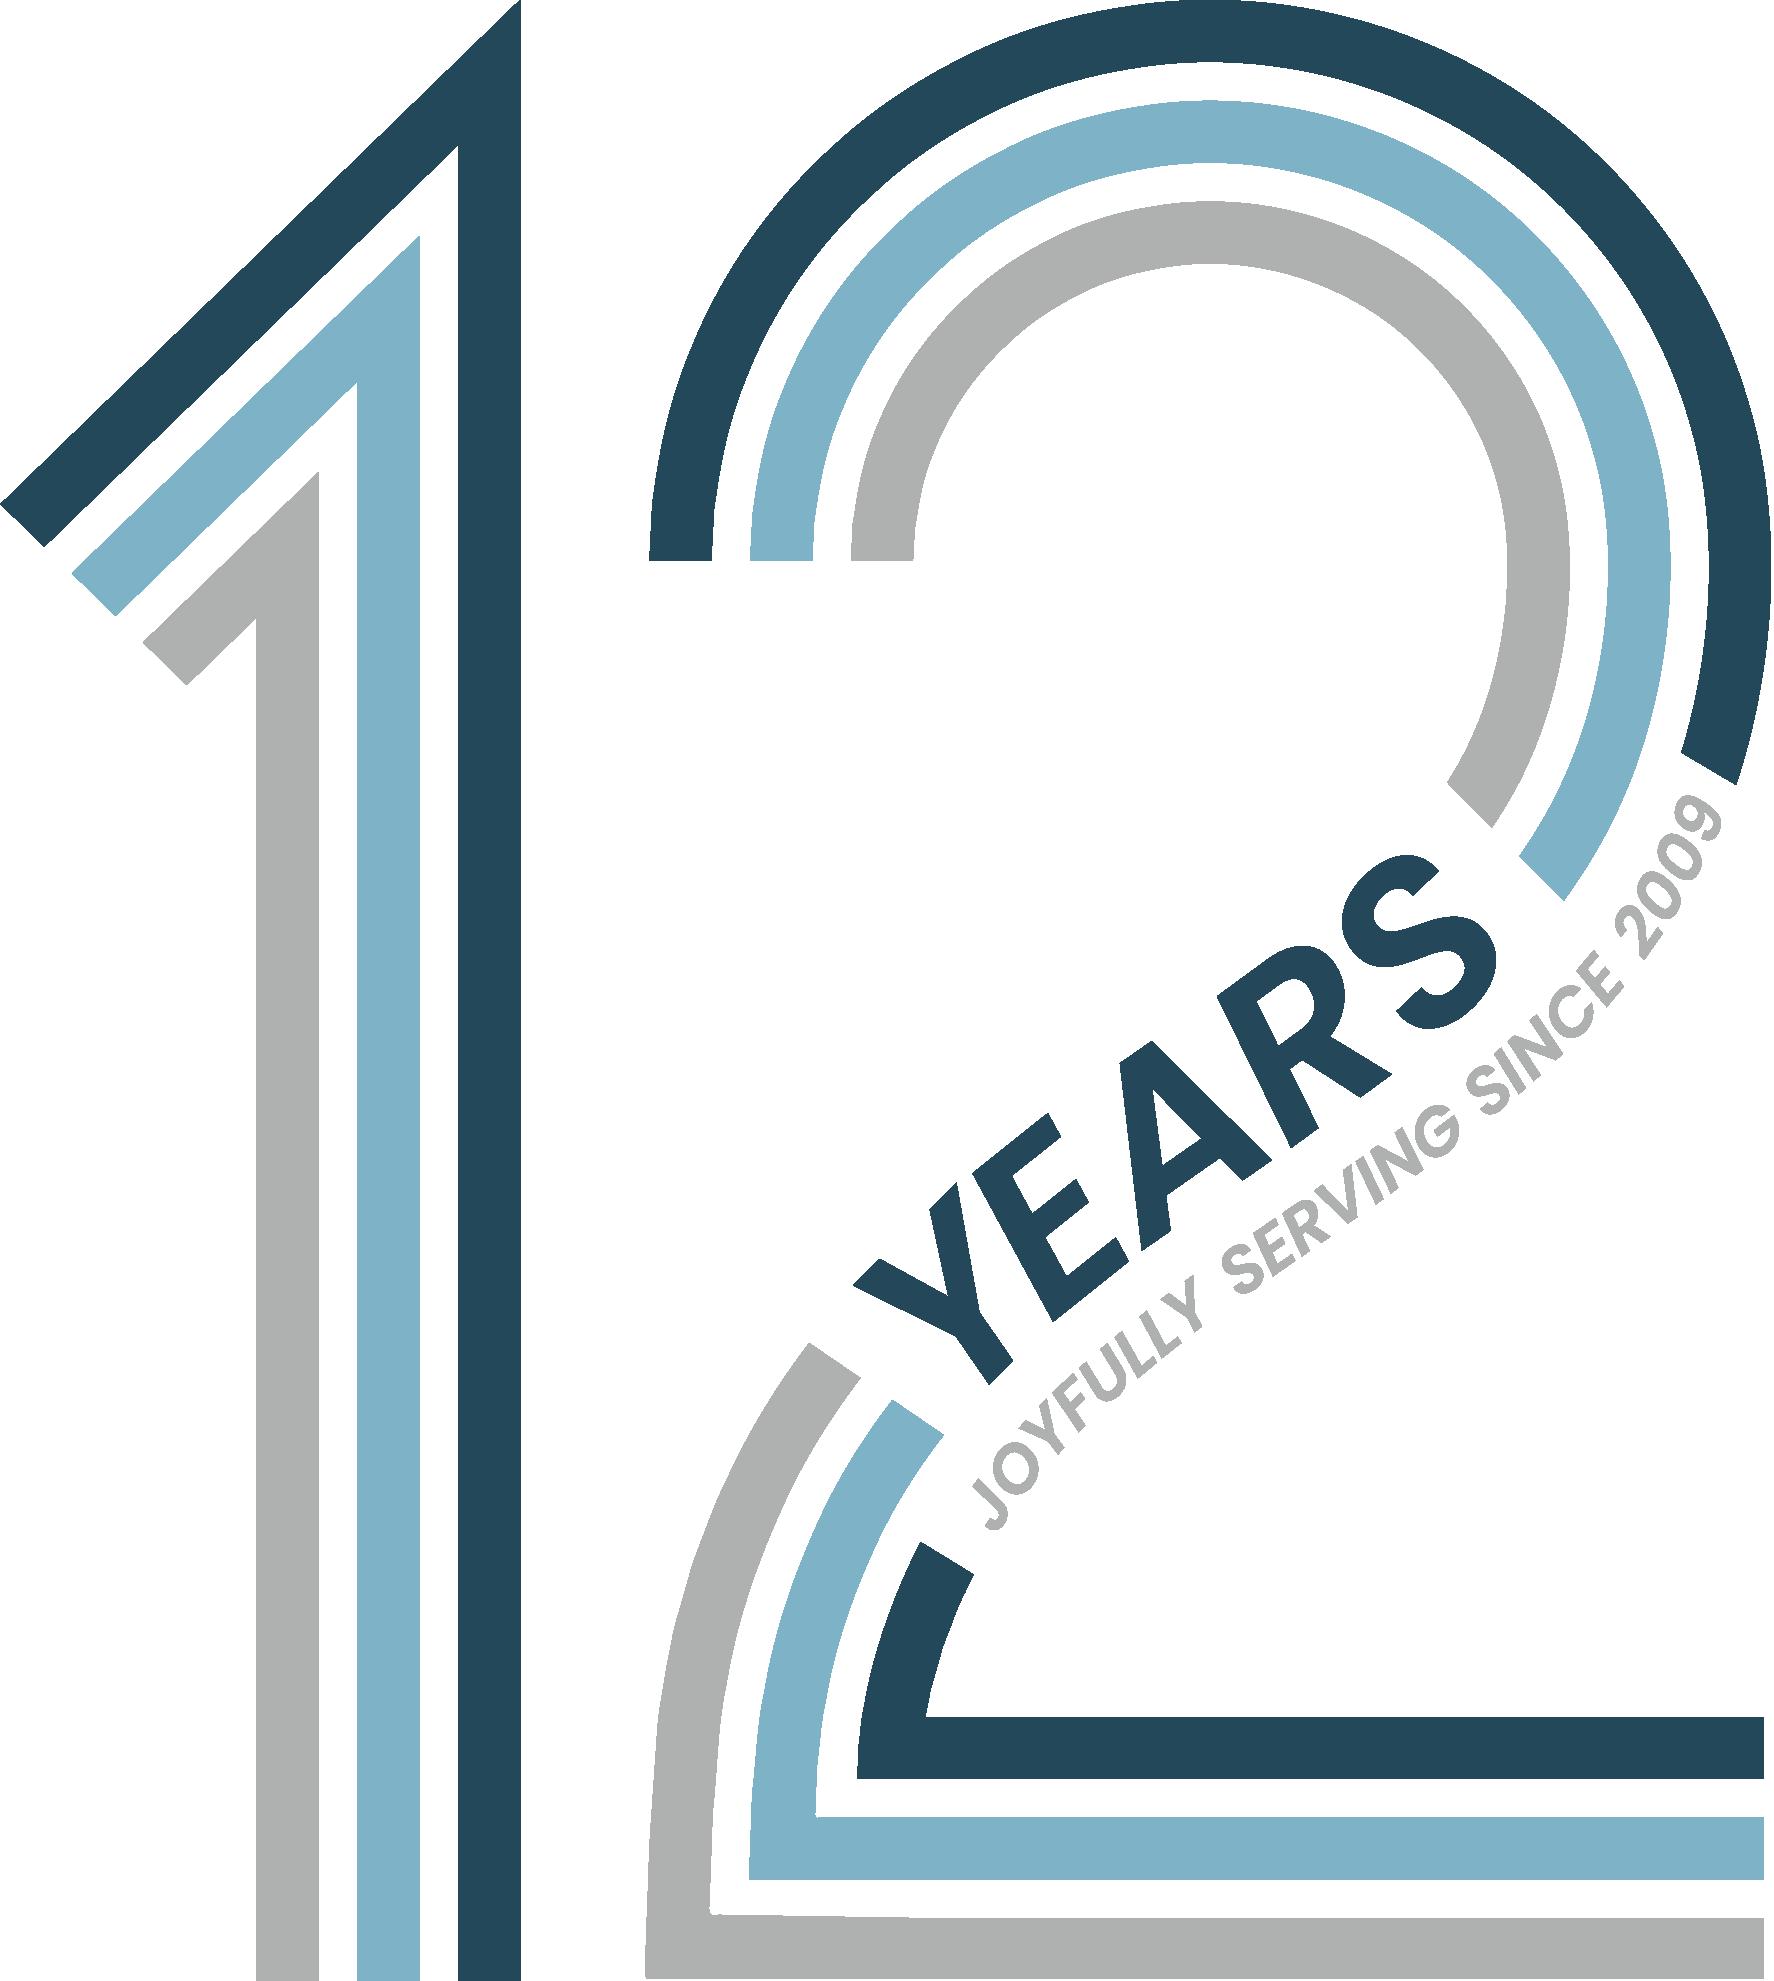 10 Years of Resonate